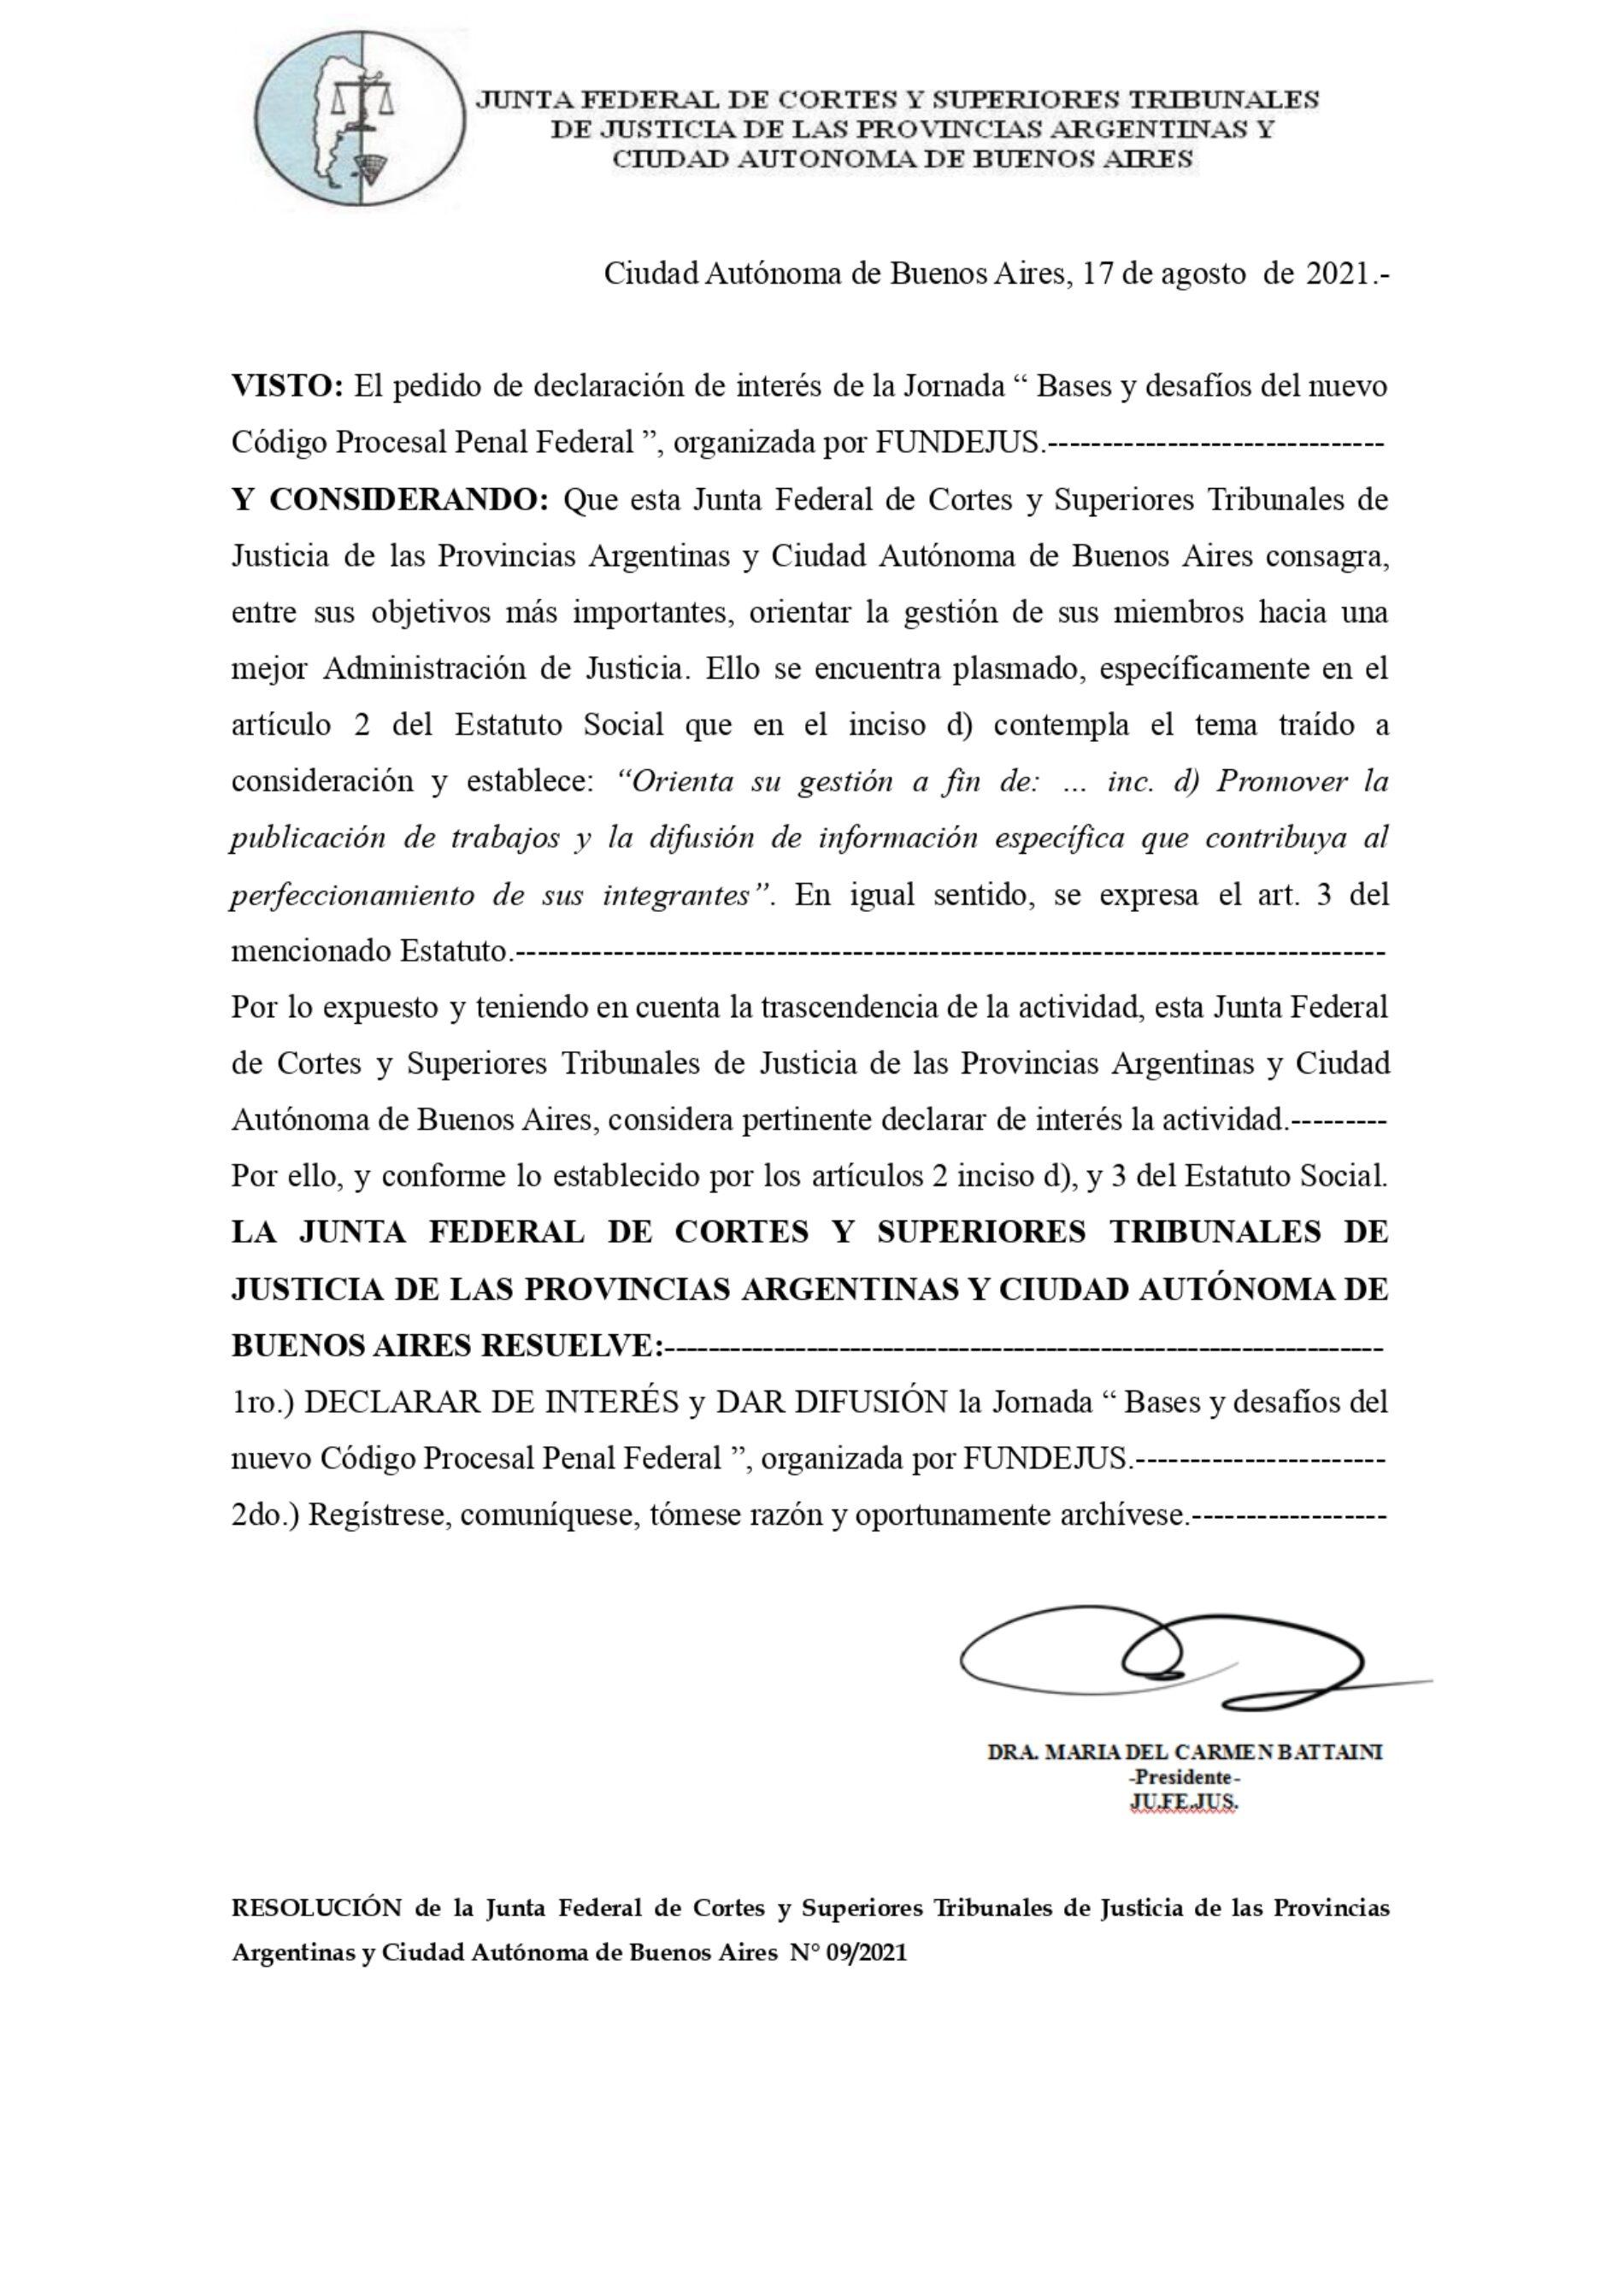 Declaración de interés – JU.FE.JUS (Res. 09/2021) – Actividad: «Bases y desafíos del nuevo Código Procesal Penal Federal».